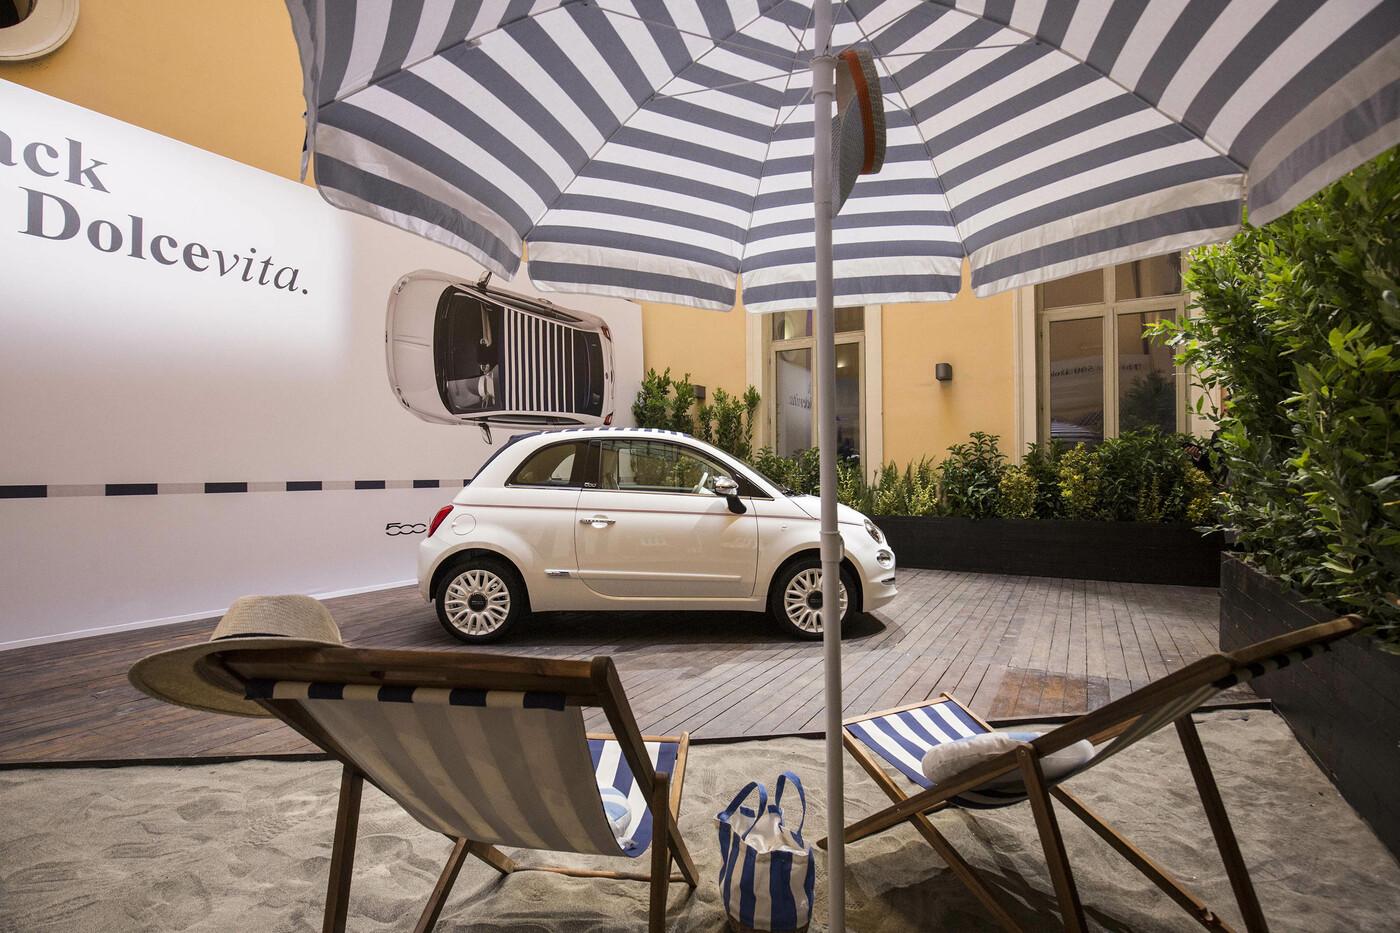 Fca Presentata Alla Stampa La Nuova Fiat 500 Dolcevita A Palazzo Poli